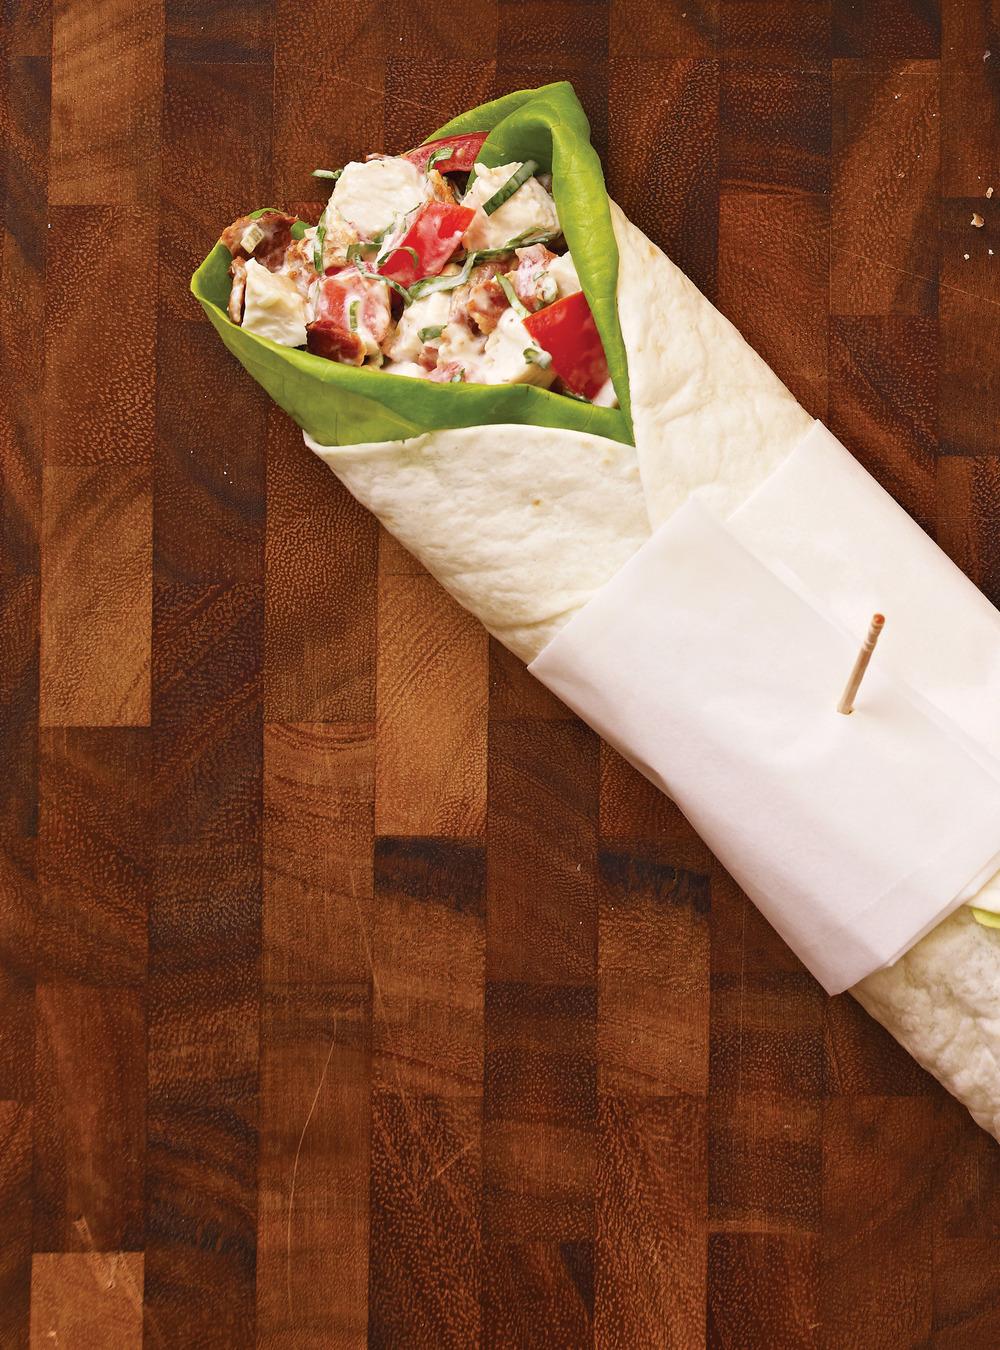 Garniture au poulet de base pour sandwich recettes ricardo recette - Idee garniture wrap ...